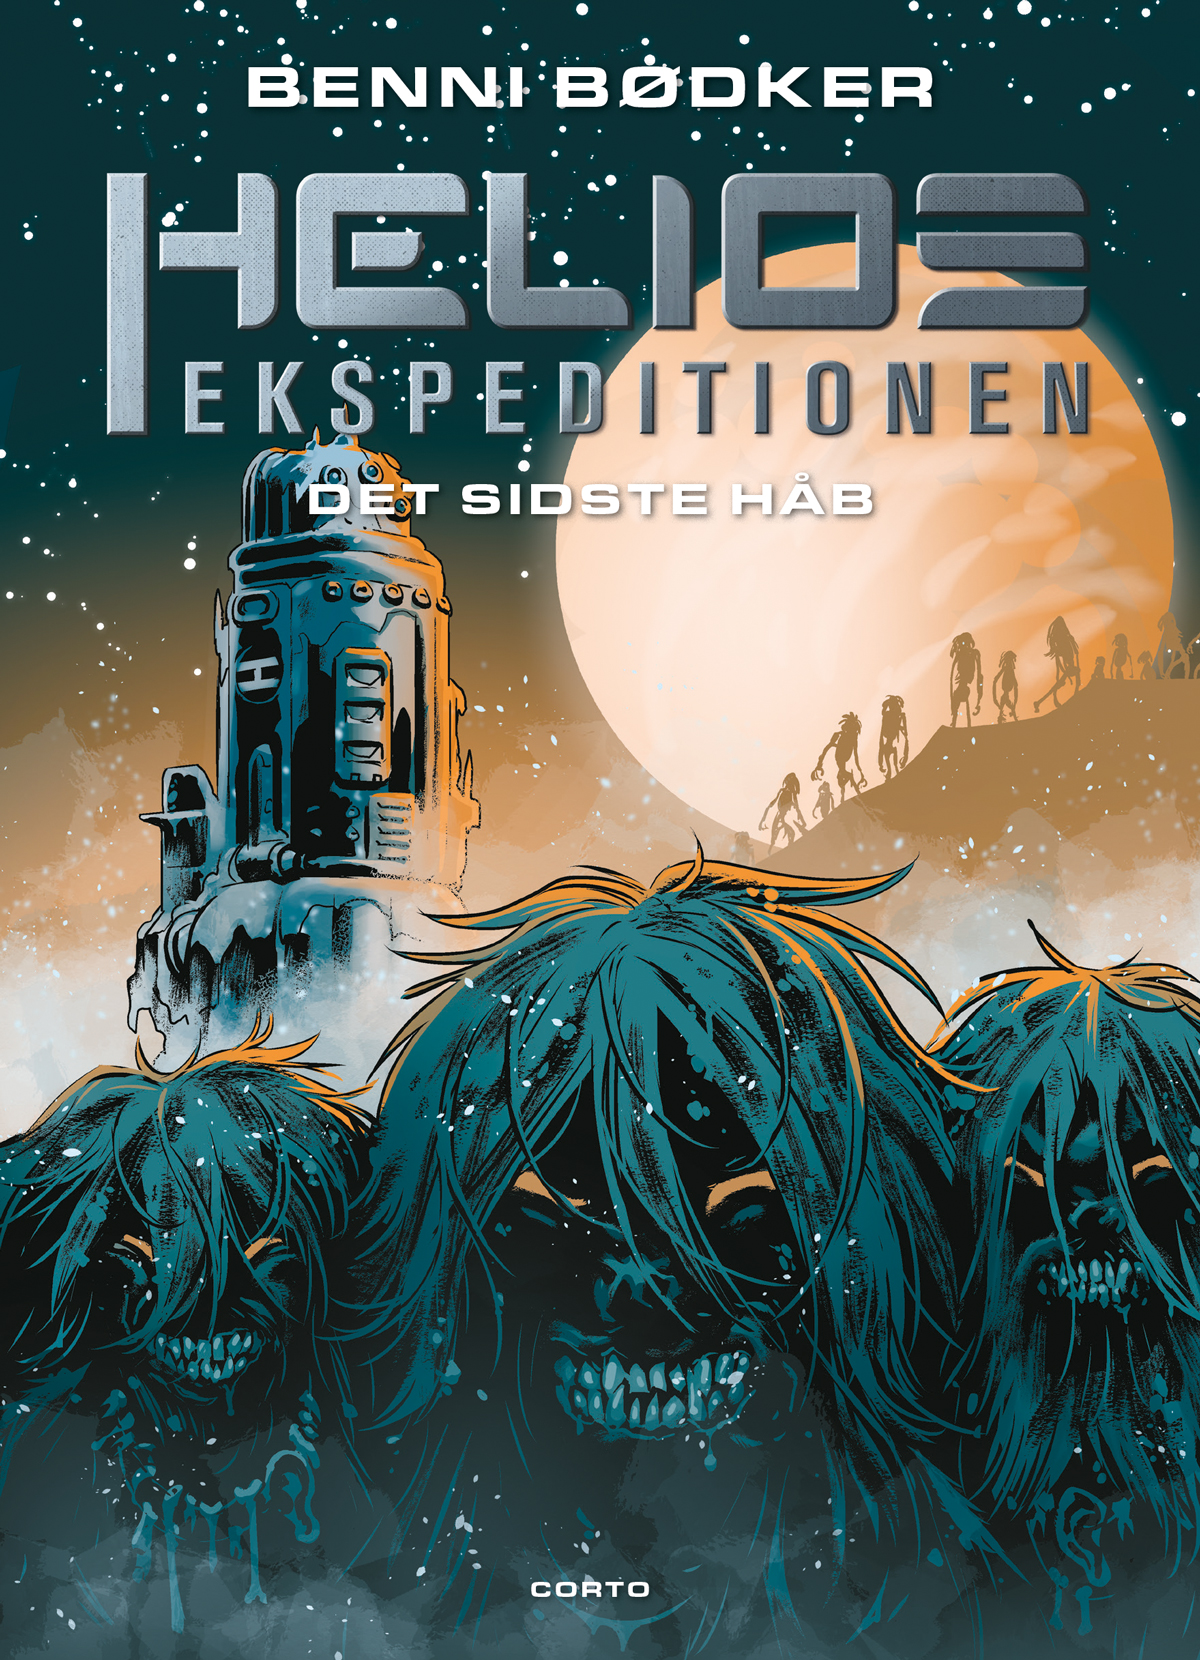 HELIOS-EKSPEDITIONEN: Det sidste håb - Benni Bødker - Bøger - Forlaget Corto - 9788793497726 - 6/1-2020